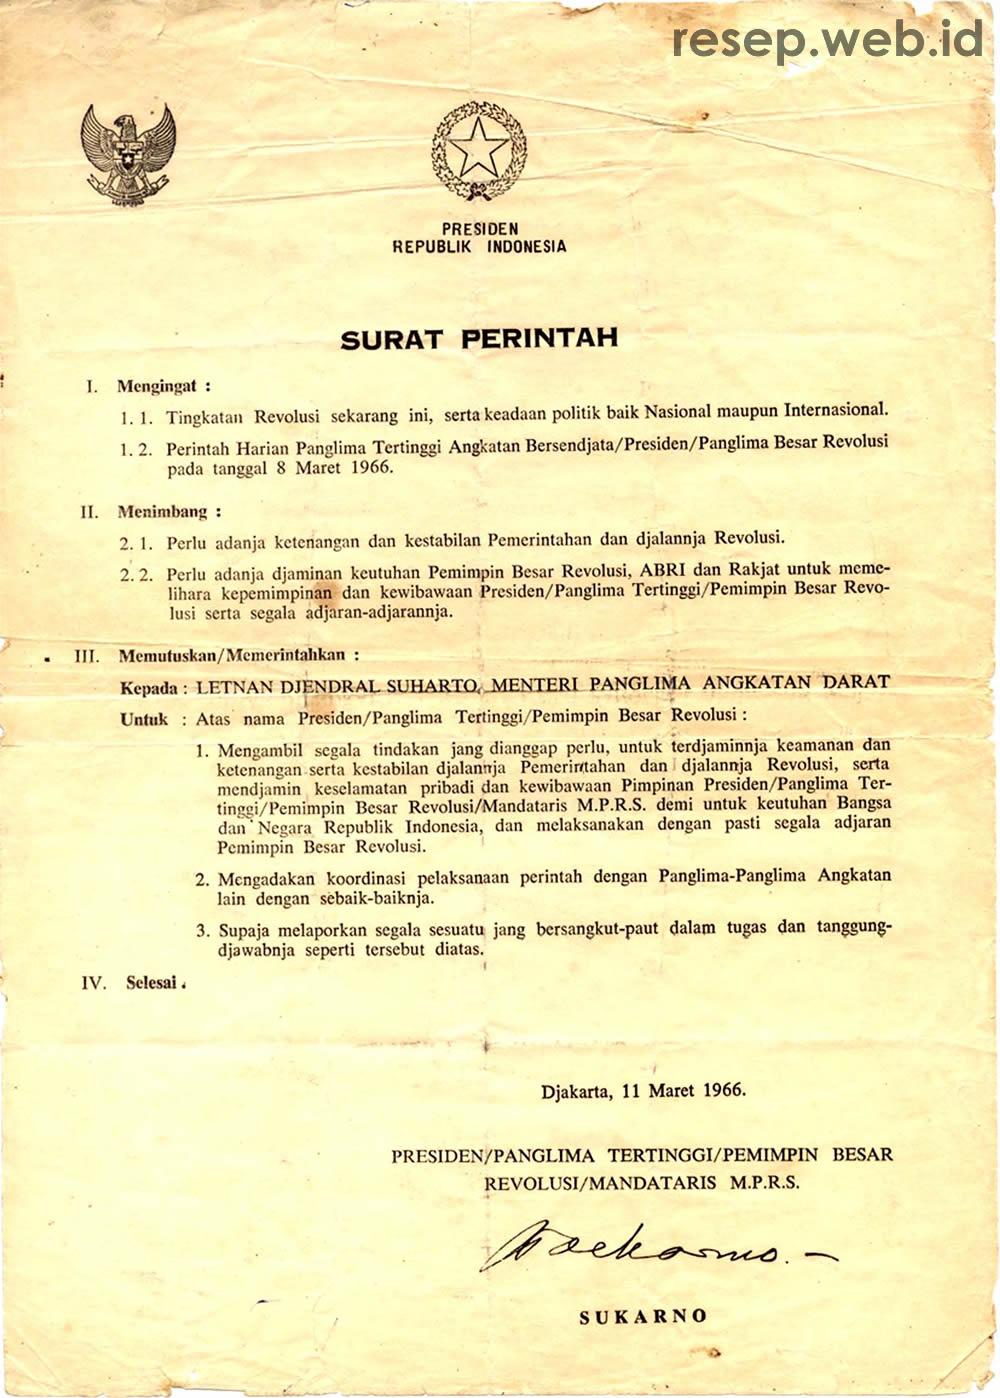 Strategi Militer Indonesia - Informasi Pertahanan dan Keamanan NKRI